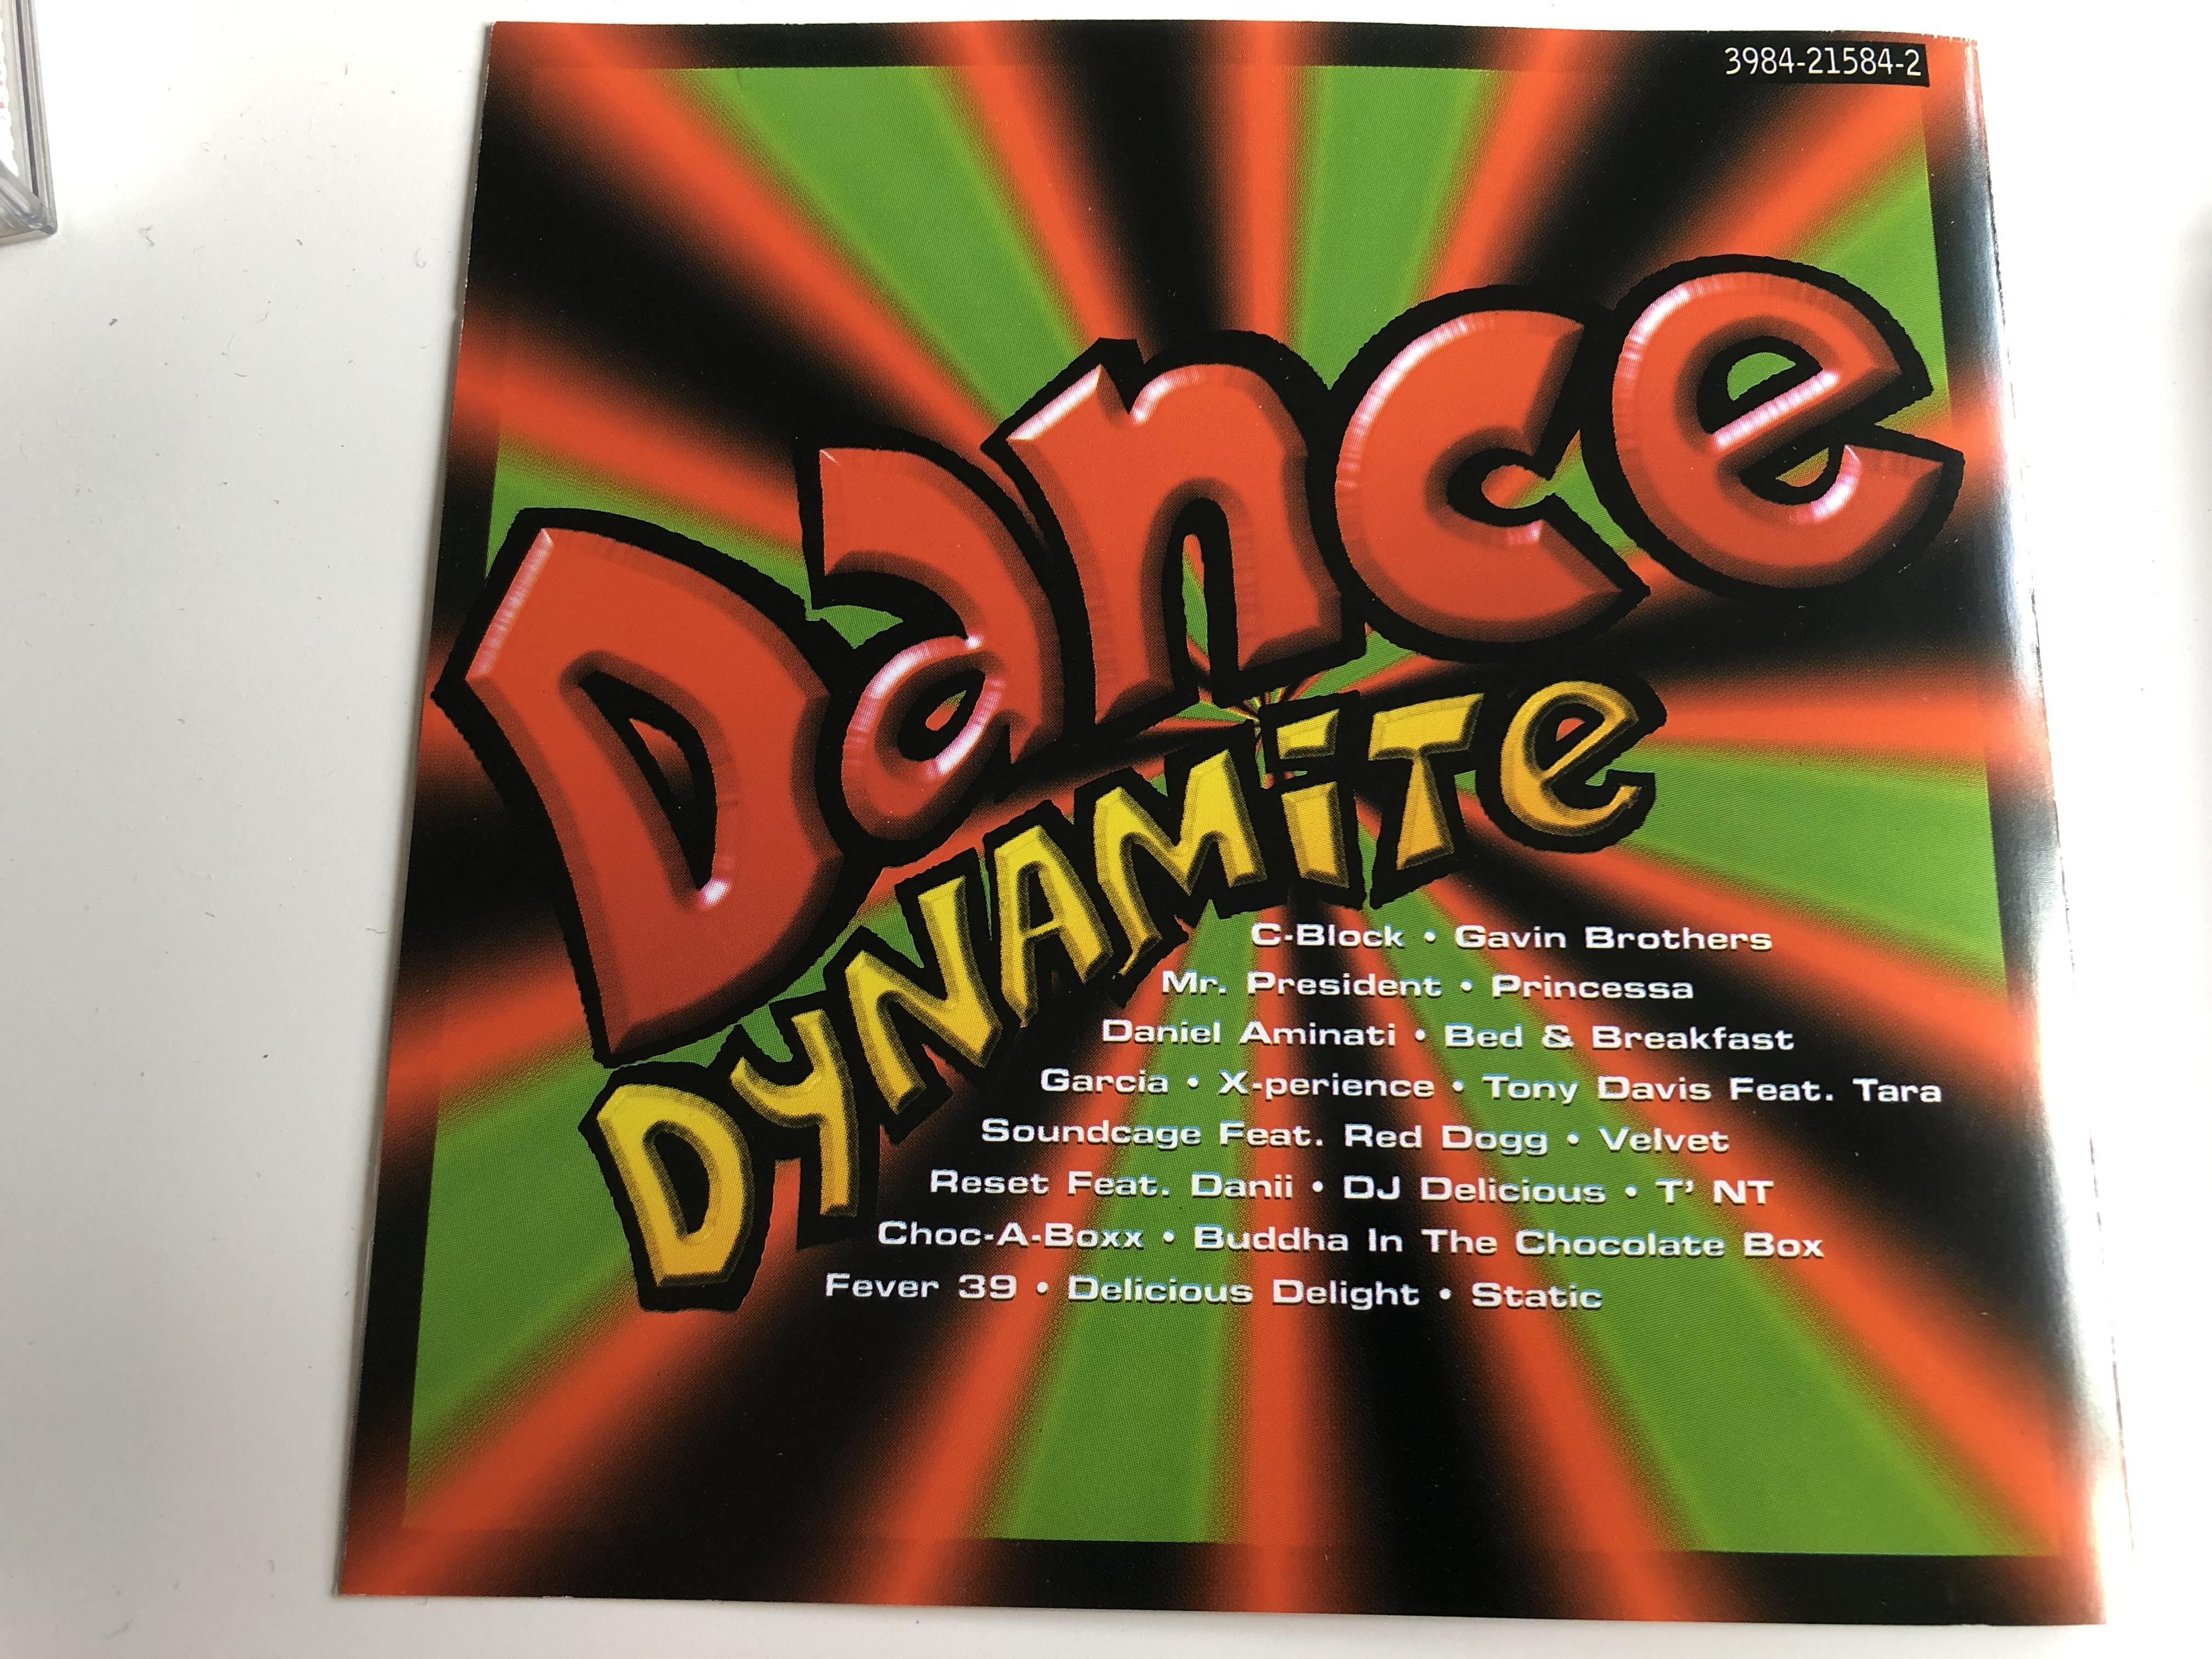 dance-dynamiteimg-3973.jpg